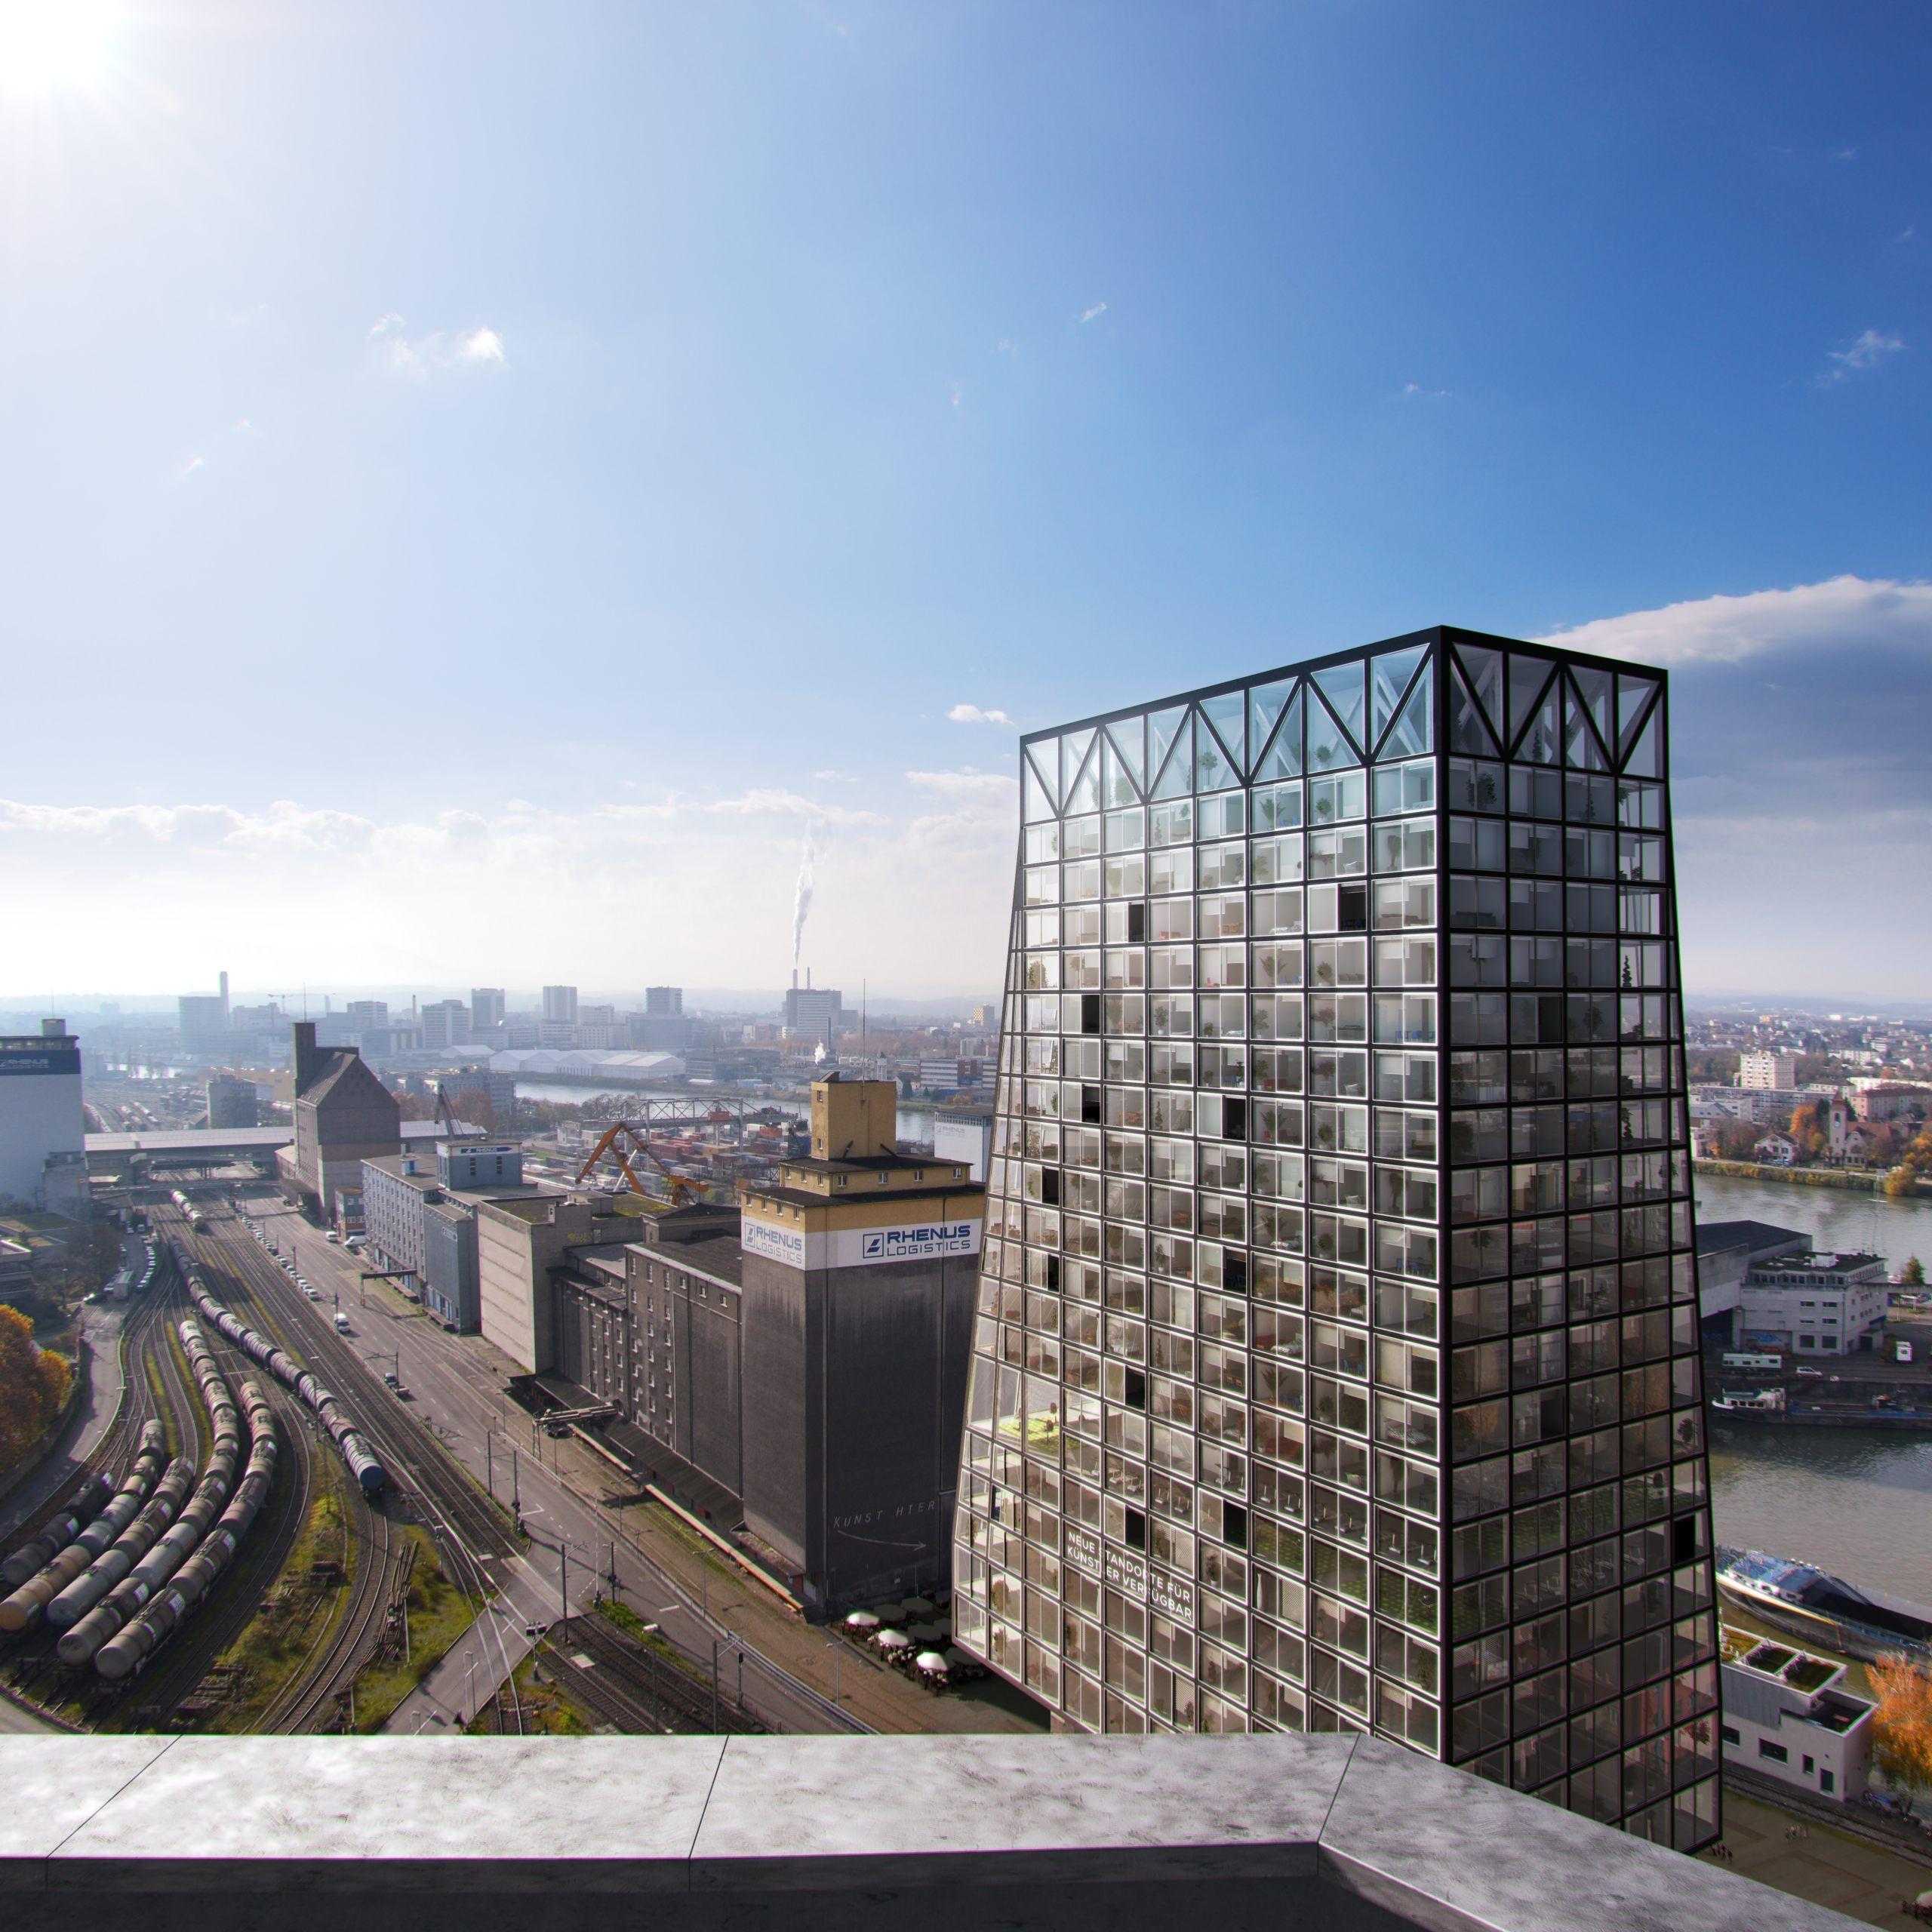 Hochhaus Basel, Switzerland Client Zdeněk Liška 80m tall